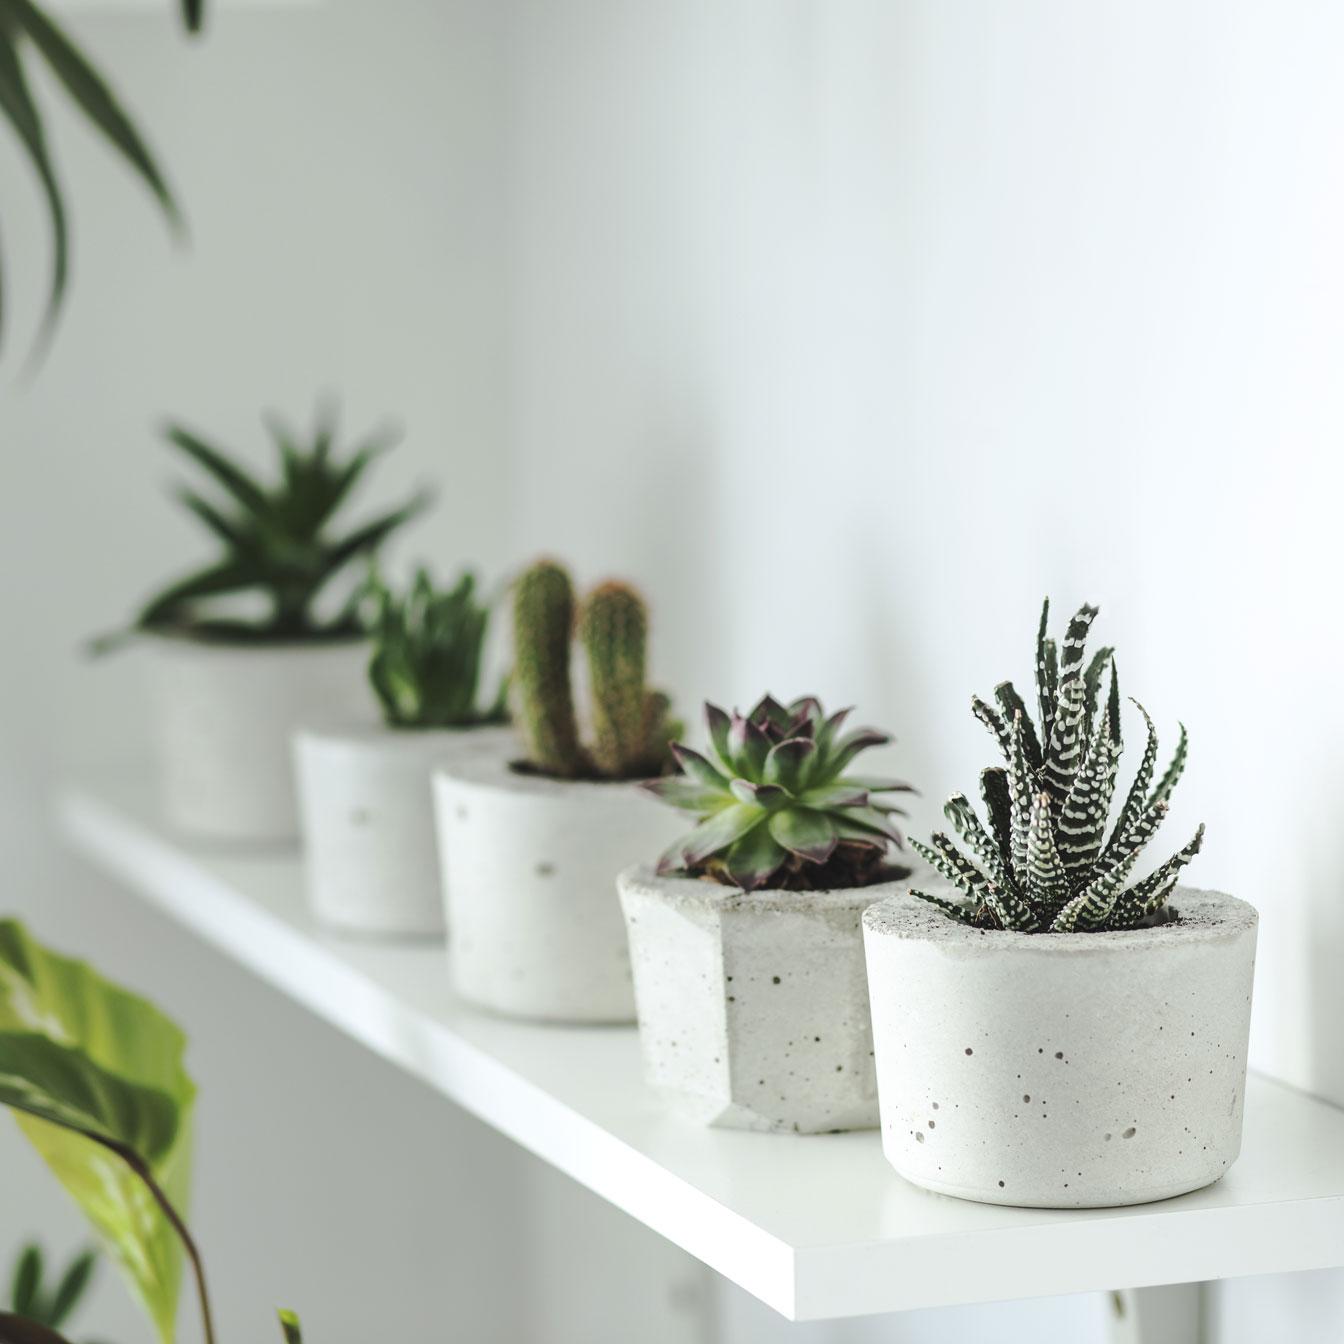 Plante Robuste Pour Terrasse 4 plantes d'intérieur indestructibles à intégrer à votre